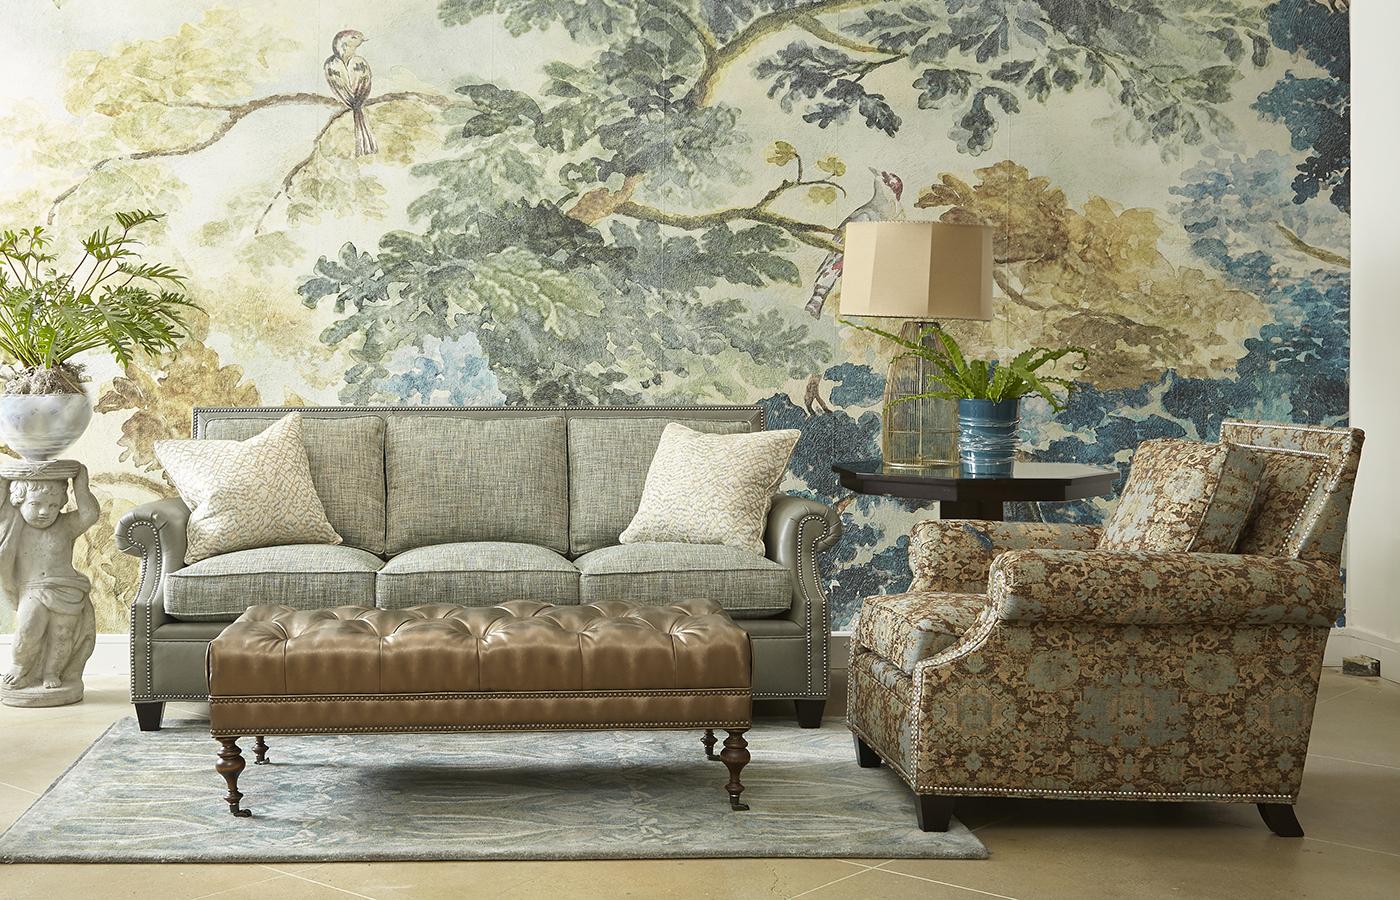 Interior Design Trends 2017 Las Vegas Furniture Market